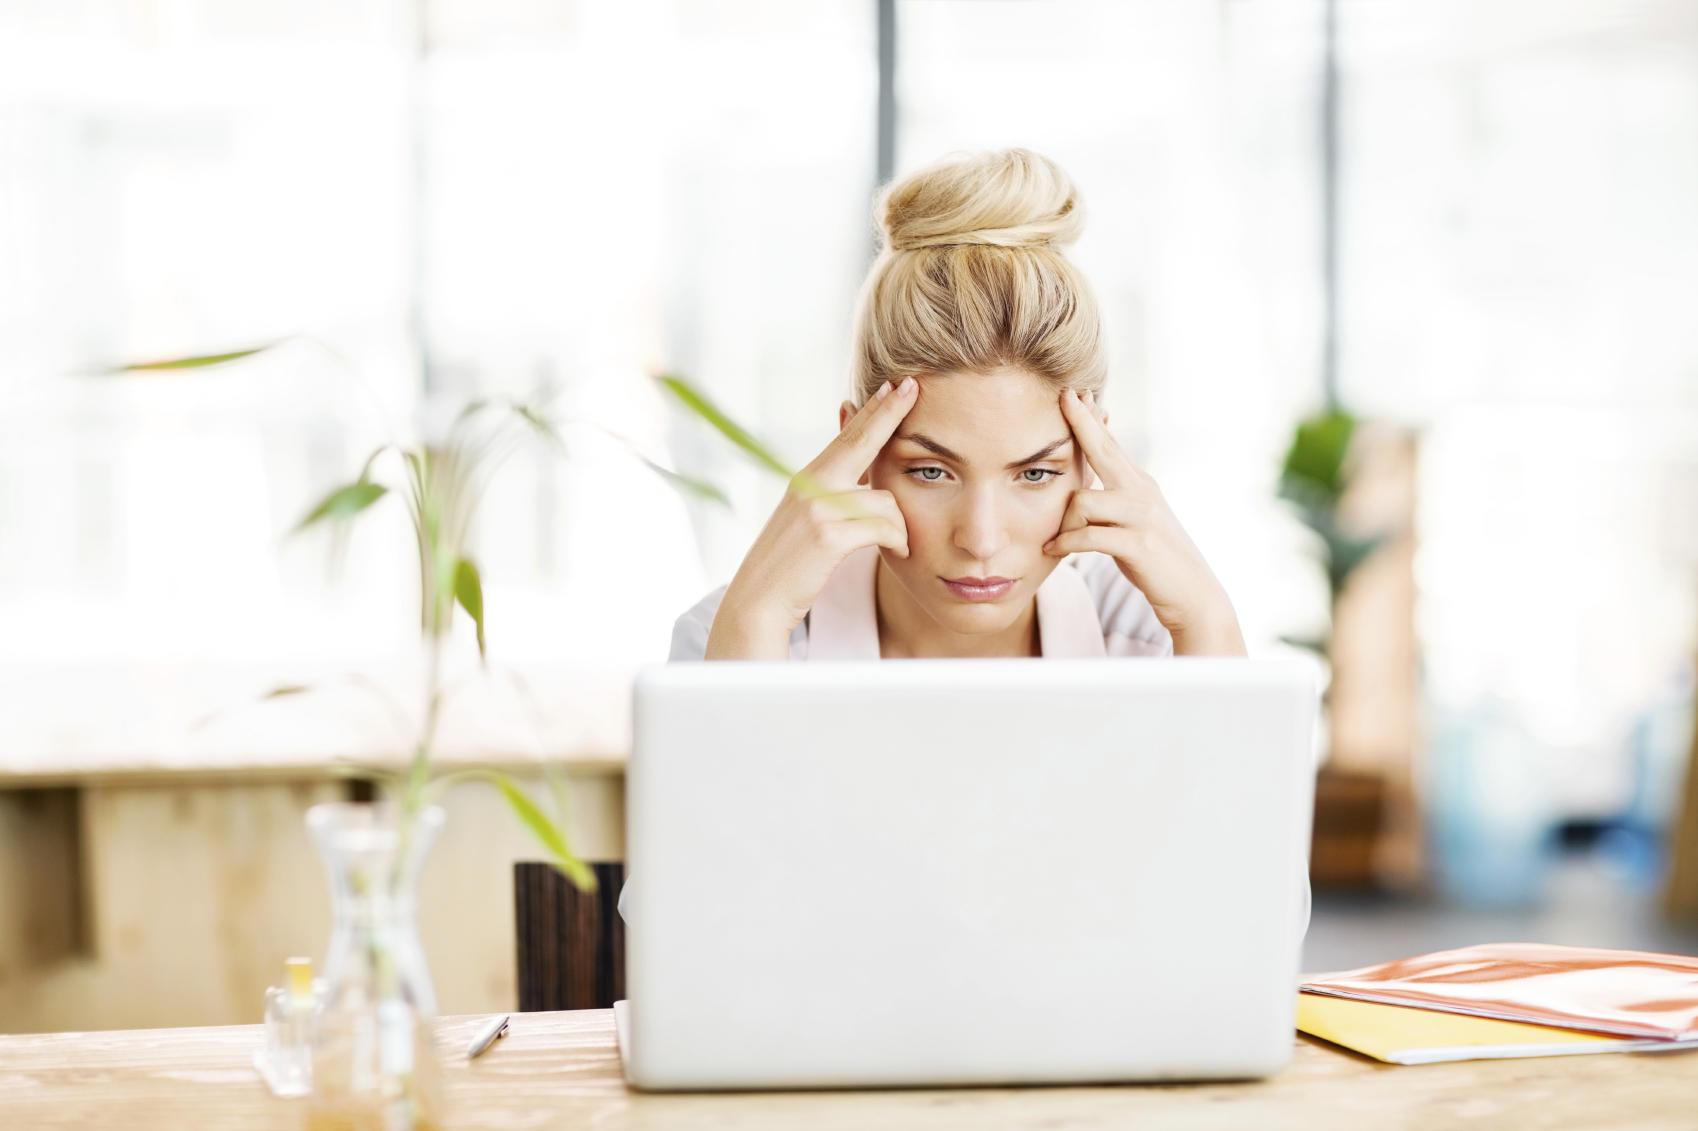 Worried Female Entrepreneur Looking At Laptop